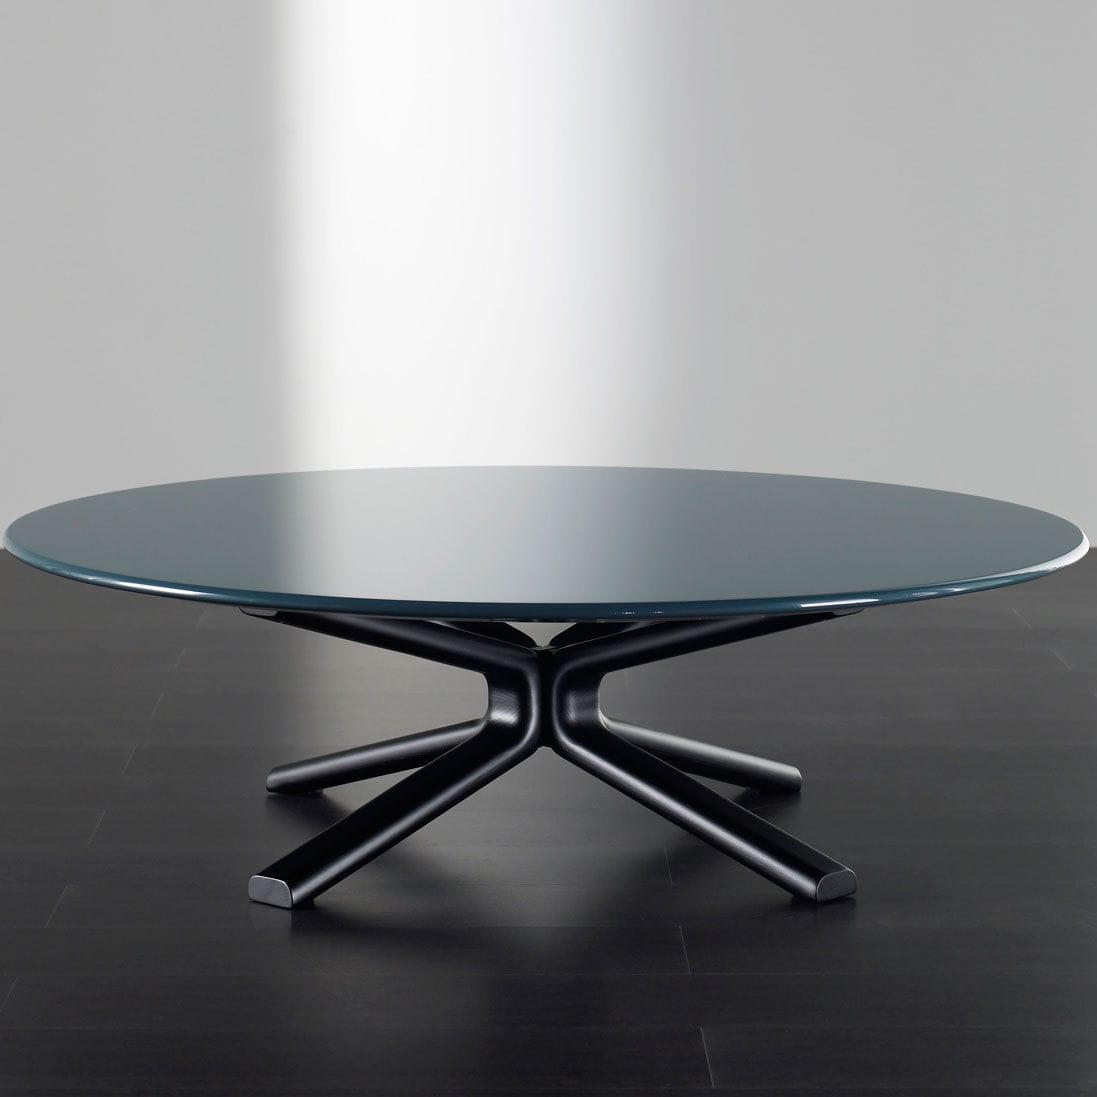 Table basse marbre meridiani